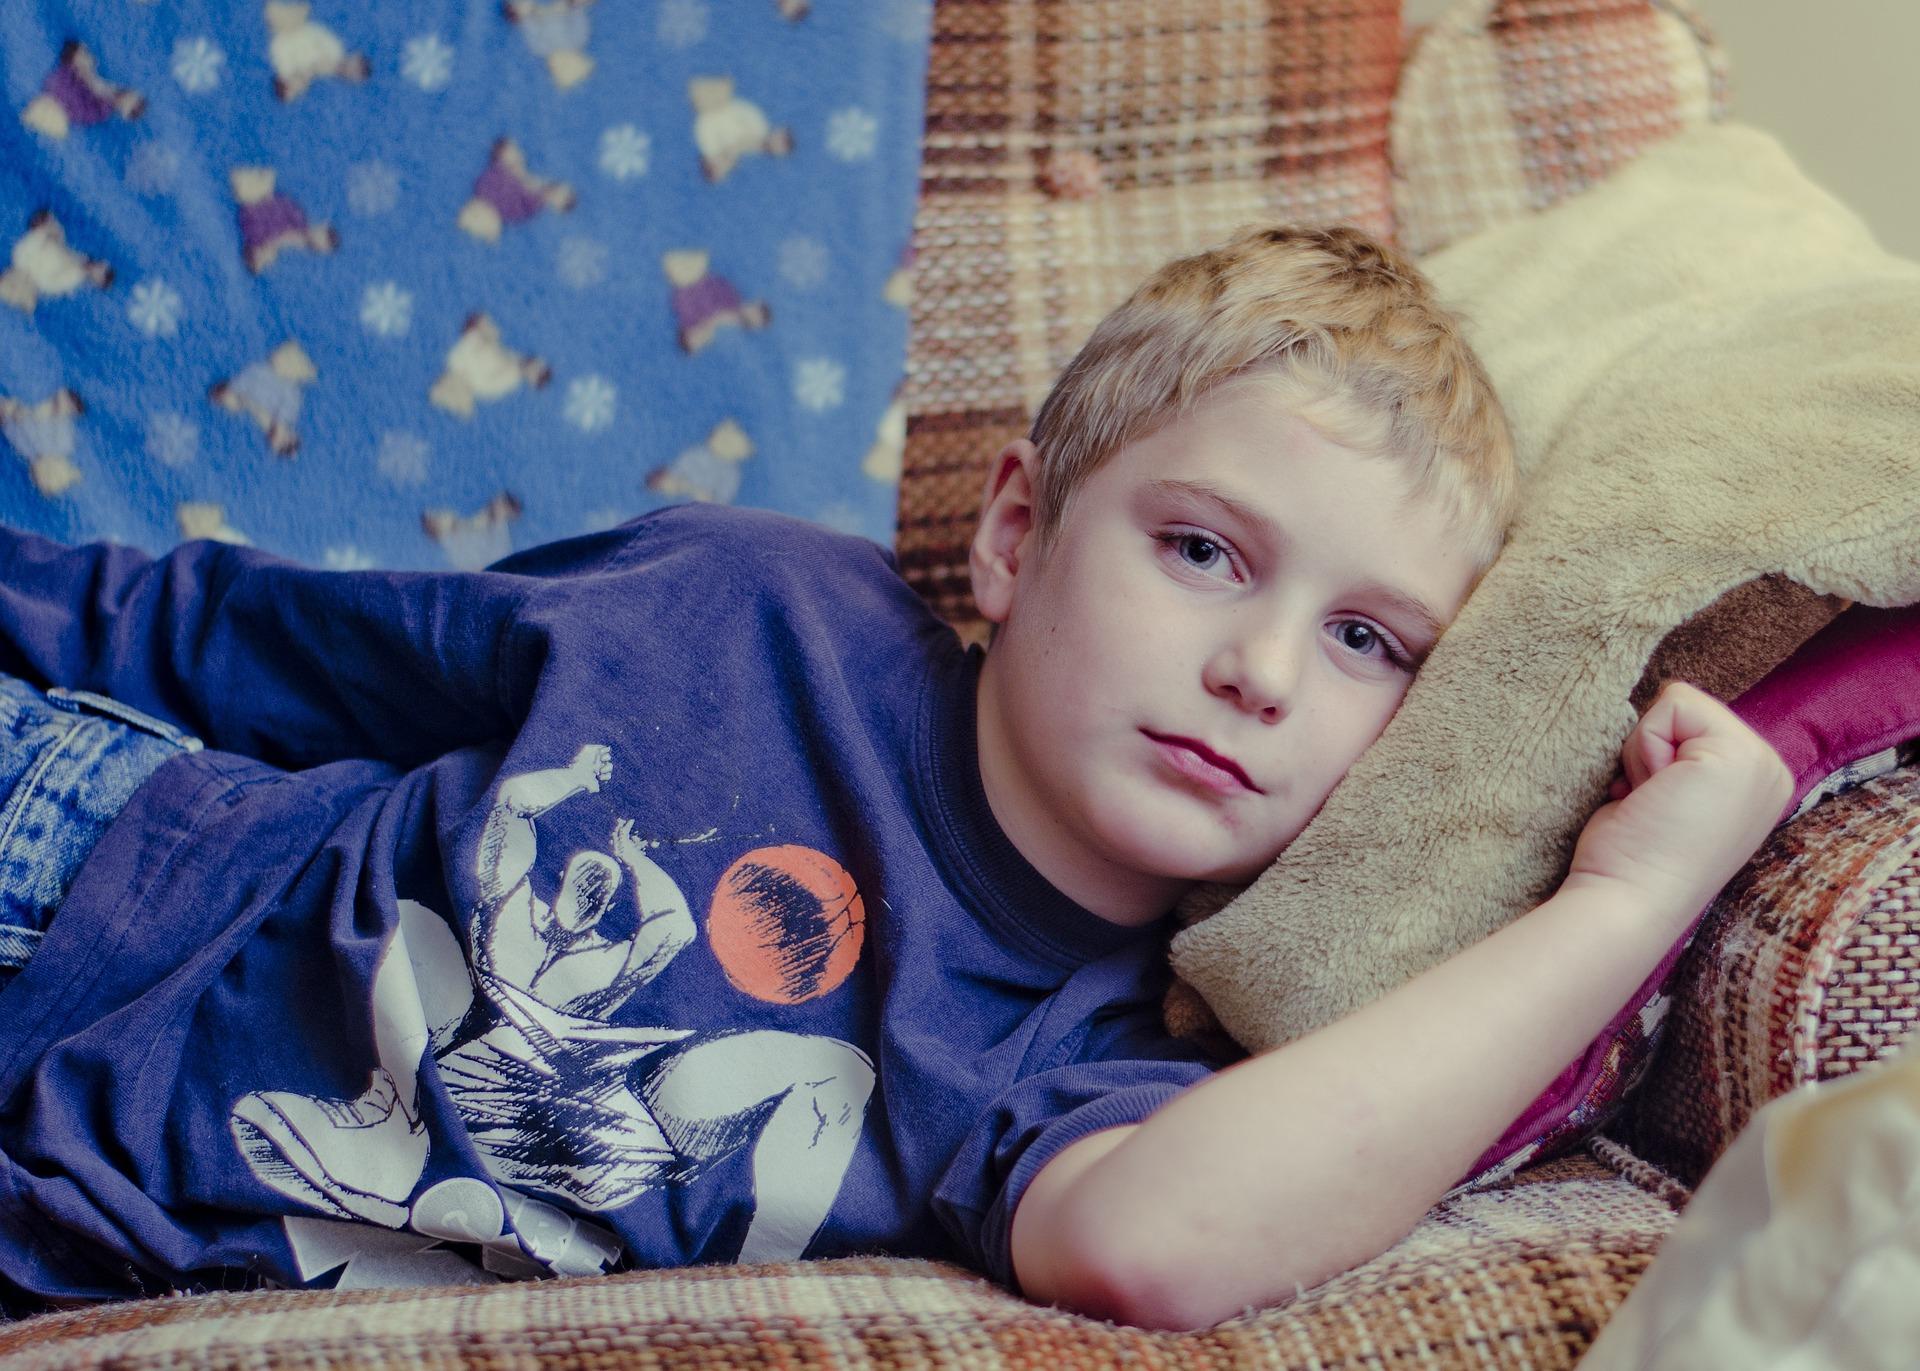 Przez internet można by także konsultować np. drobne dolegliwości u dzieci (fot. pixabay.com)